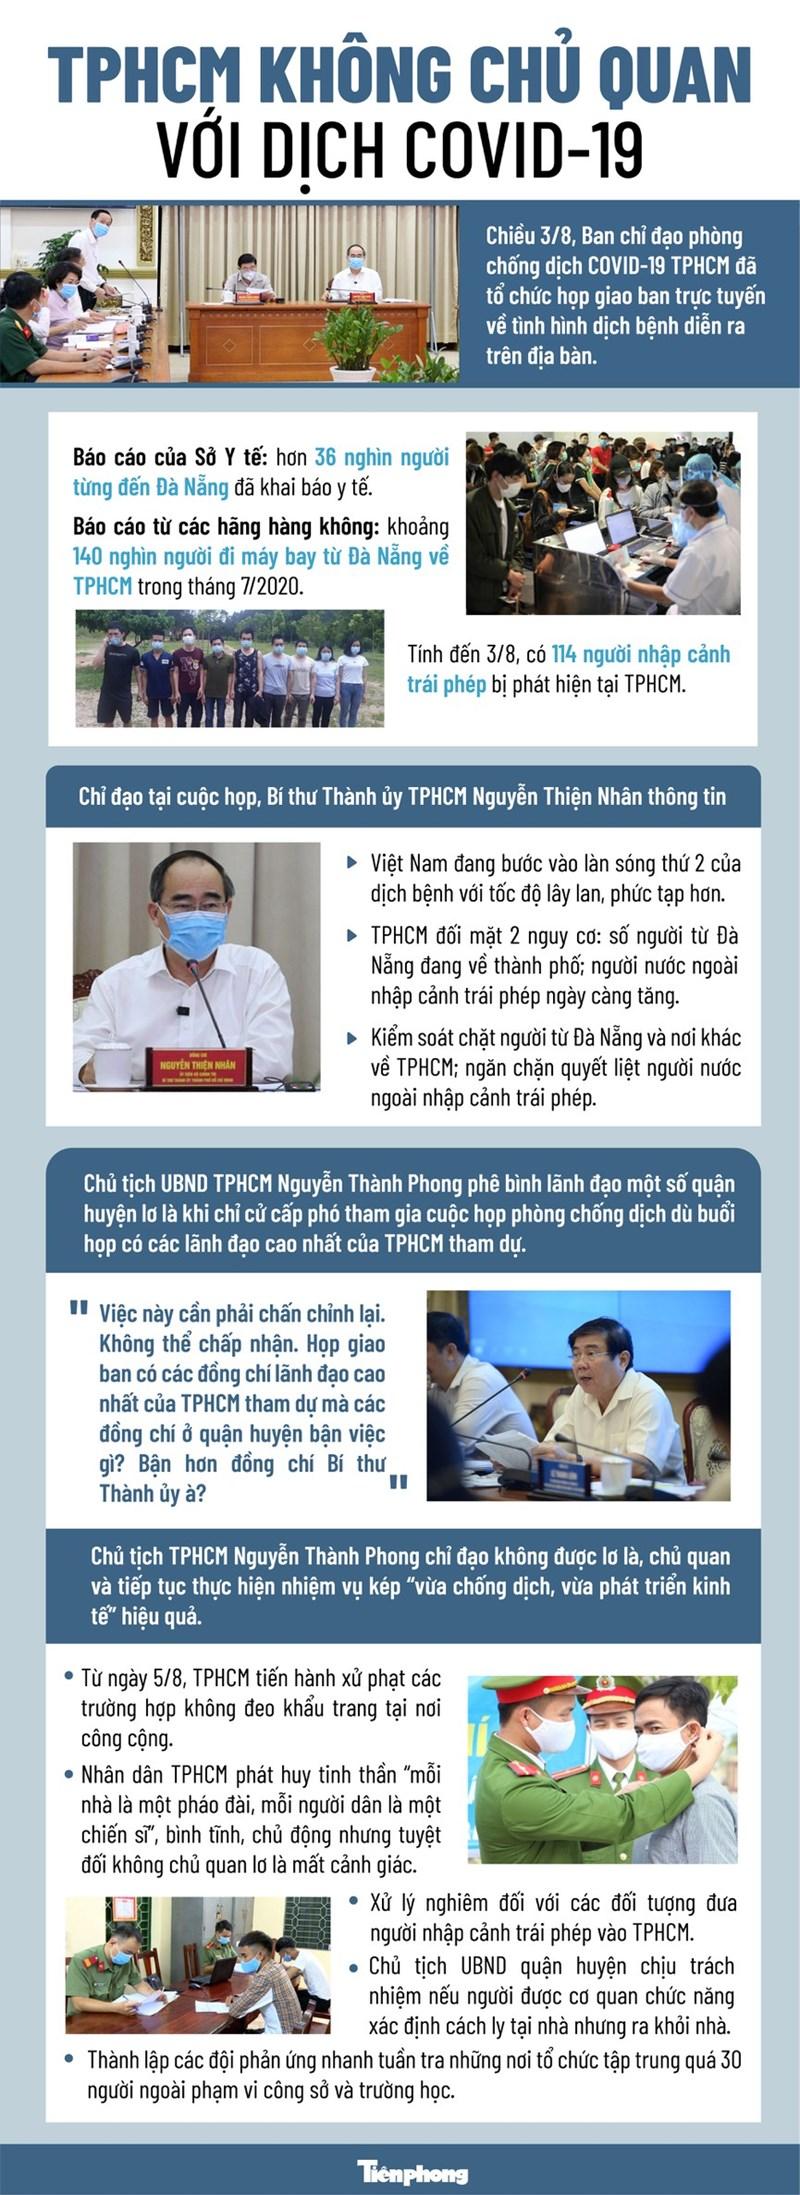 [Infographics] TP. Hồ Chí Minh xử phạt người không đeo khẩu trang nơi công cộng từ 5/8 - Ảnh 1